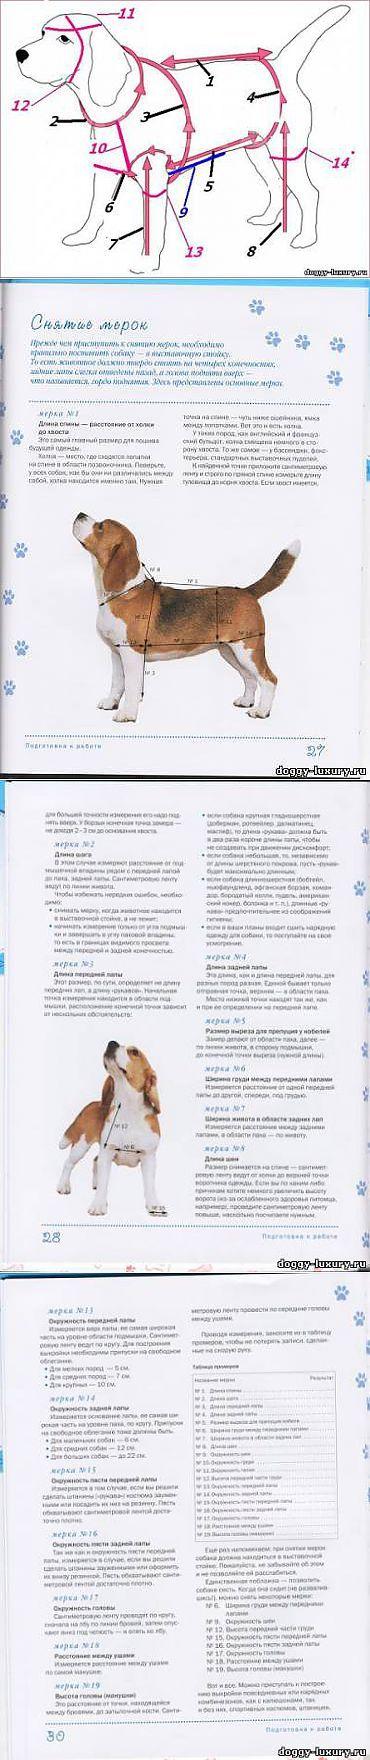 снятие мерок с собаки - Шьем одежду для собак